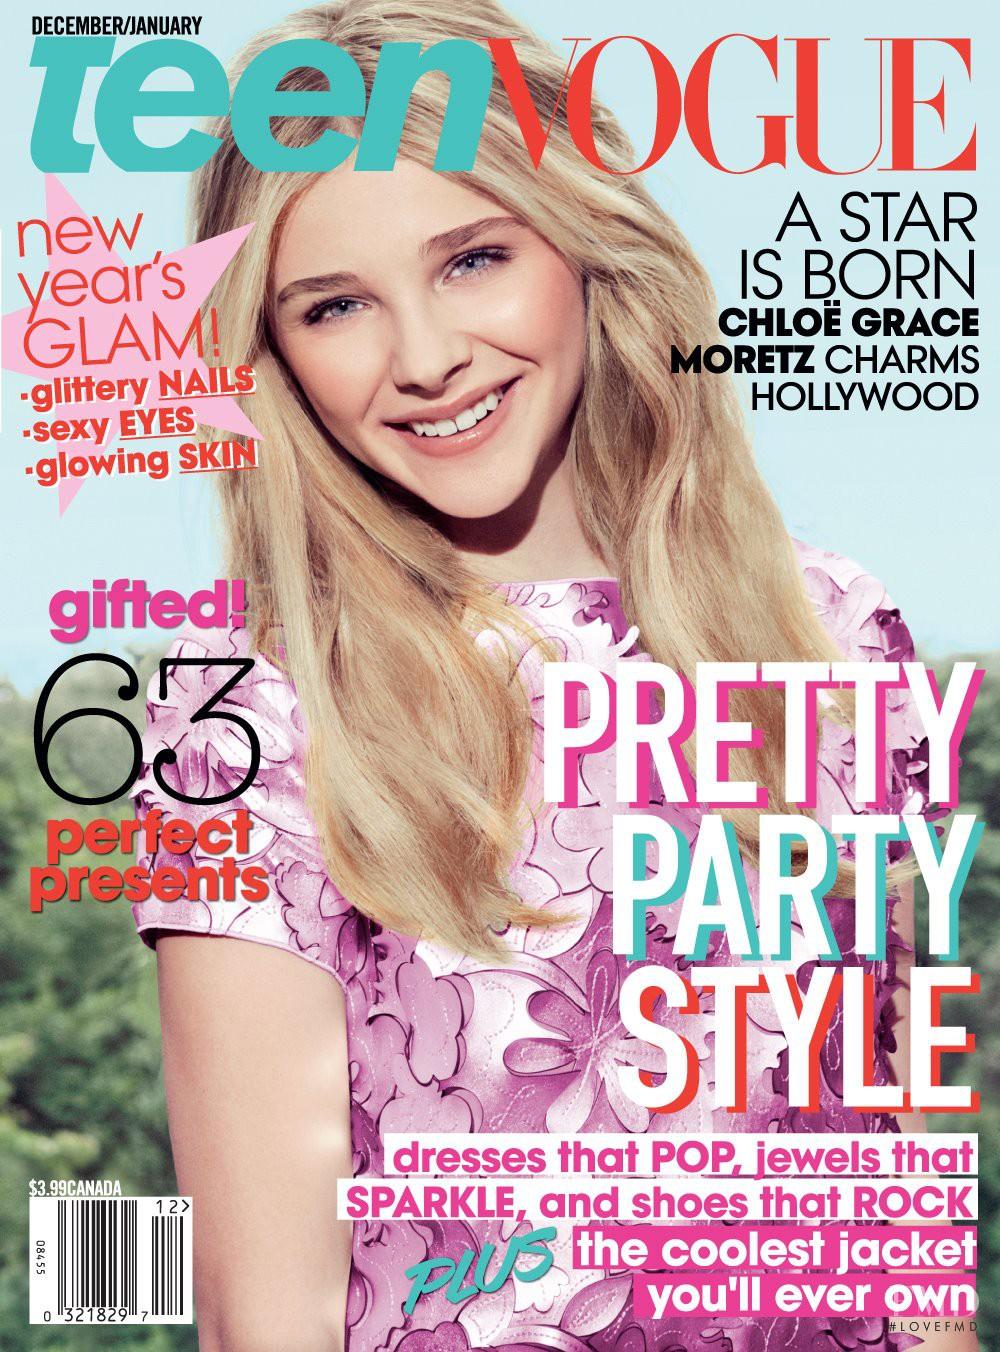 Modetijdschriften en fashion magazines bestel je hier 53